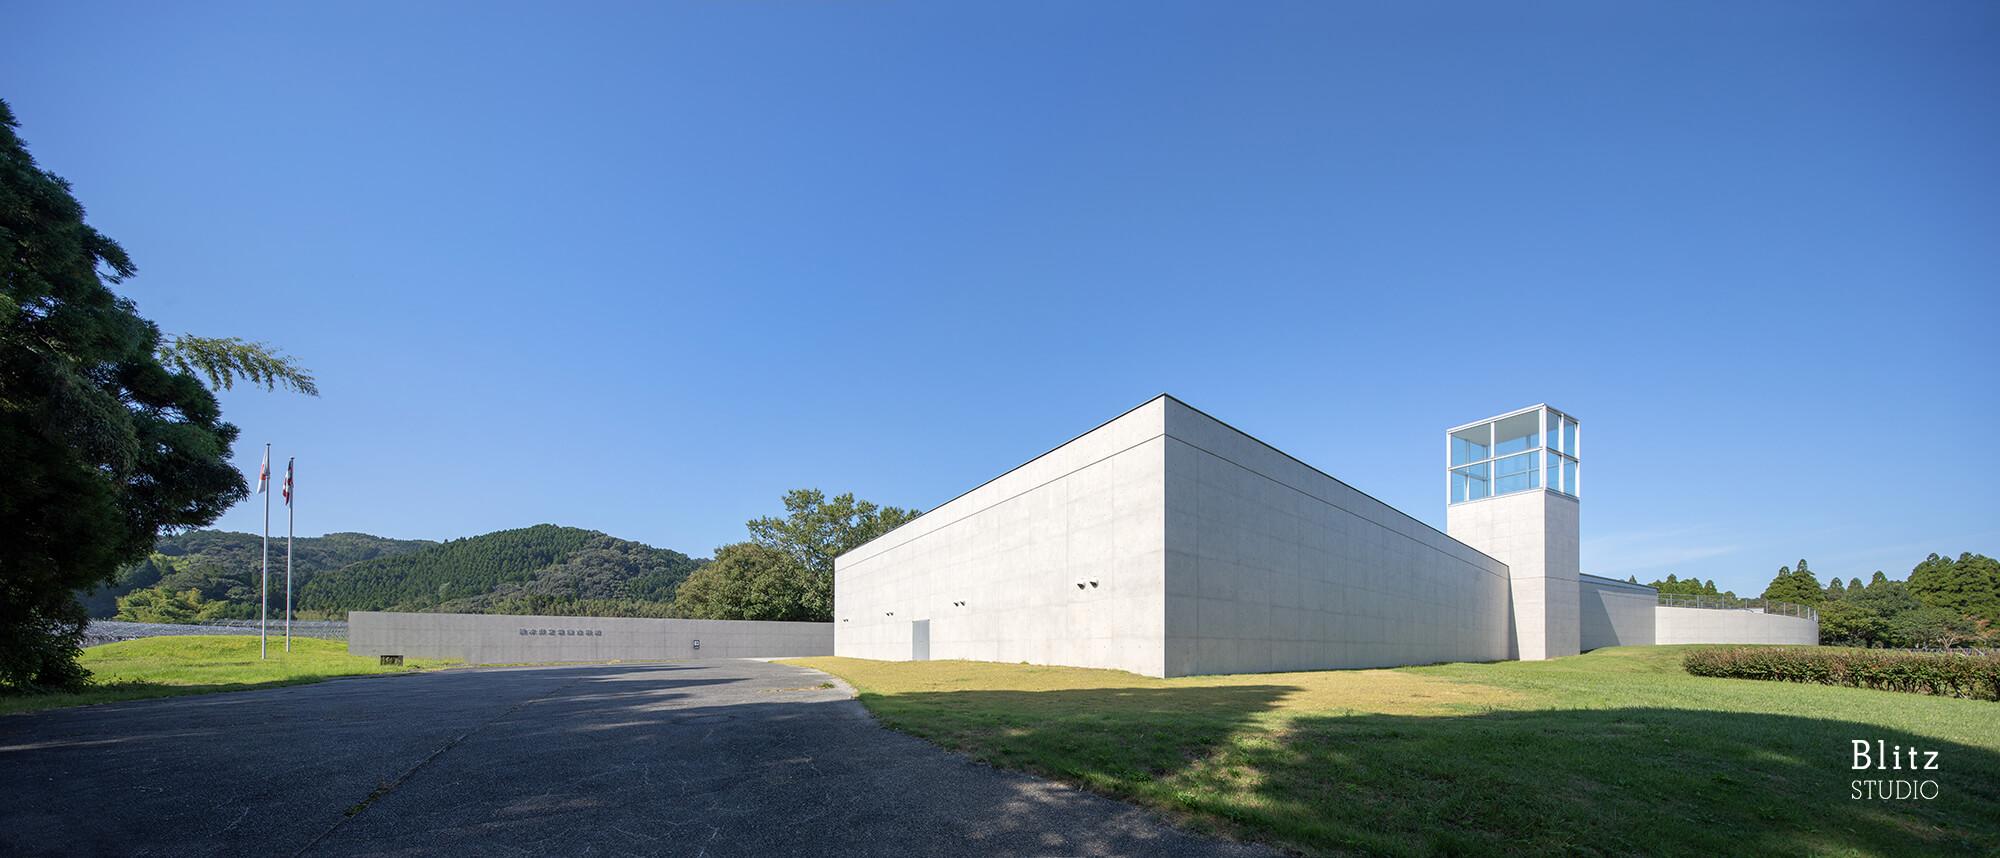 『熊本県立装飾古墳館』-熊本県山鹿市-建築写真・竣工写真・インテリア写真2